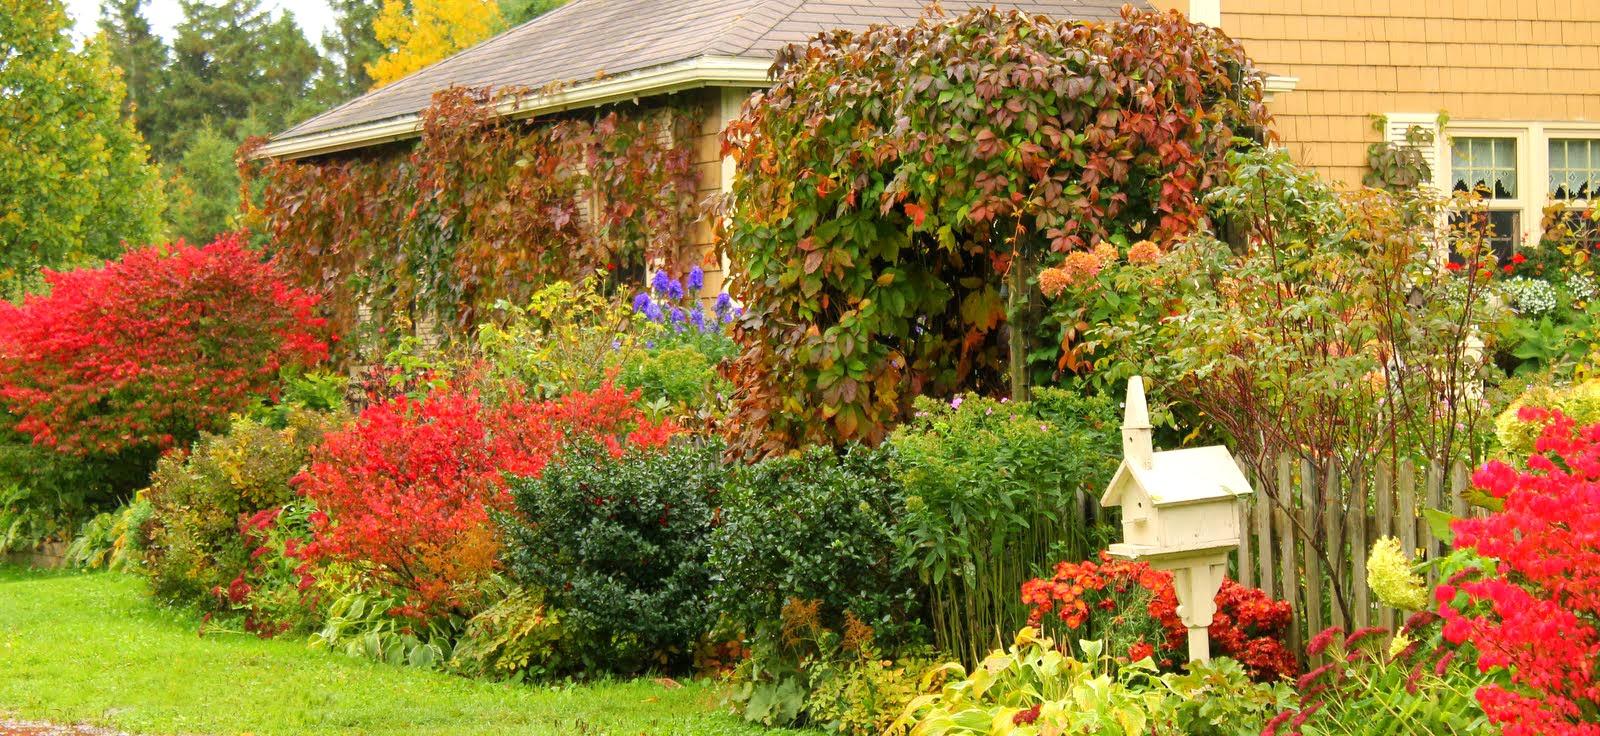 Arte y jardiner a el jard n en oto o for Jardines en otono